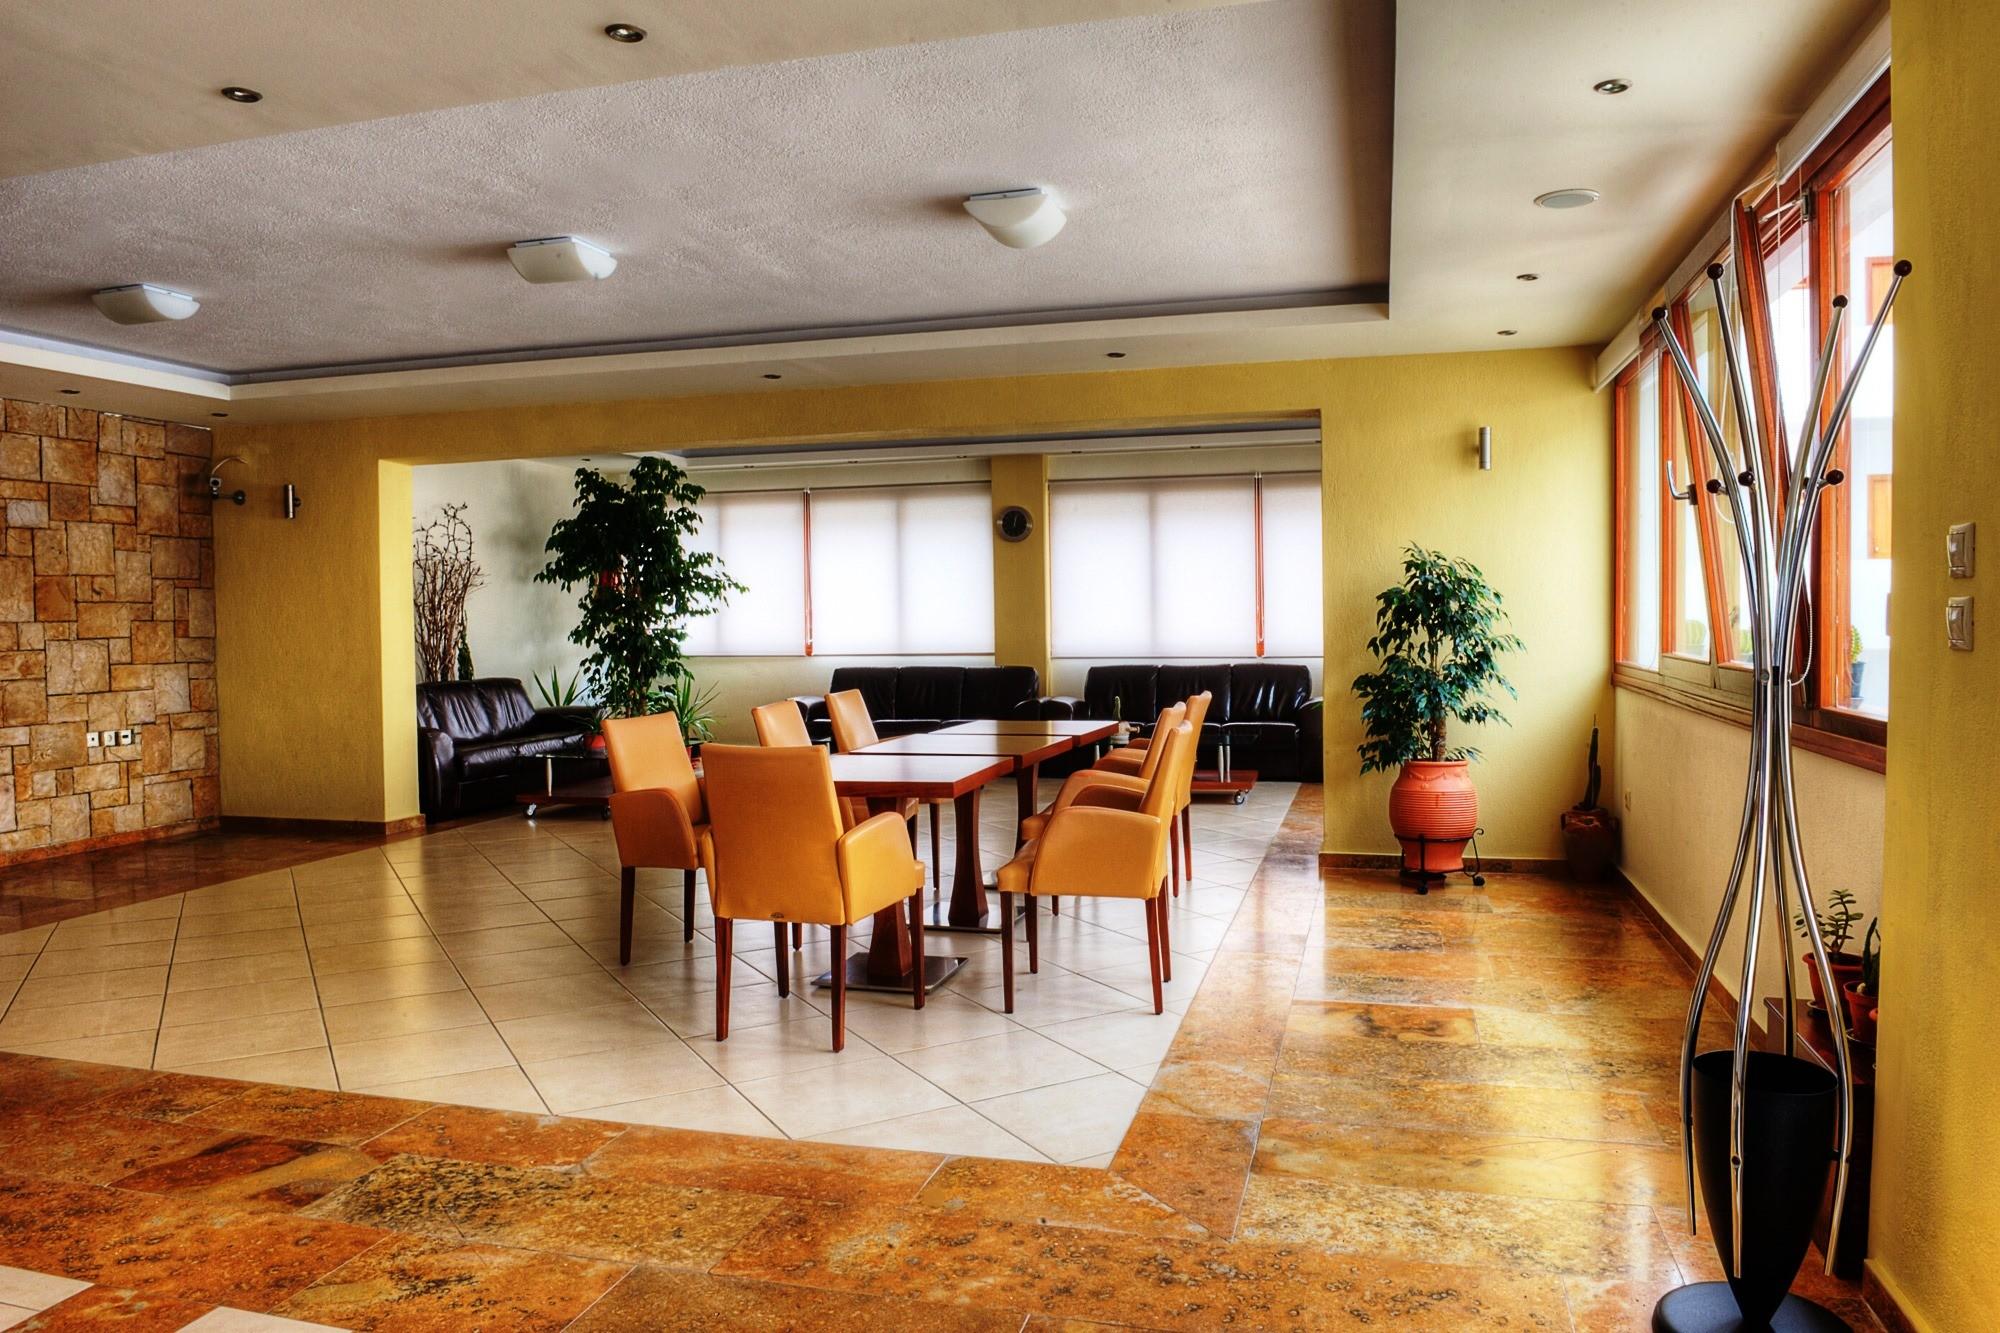 Philoxenia Bungalows Hotel - лоби